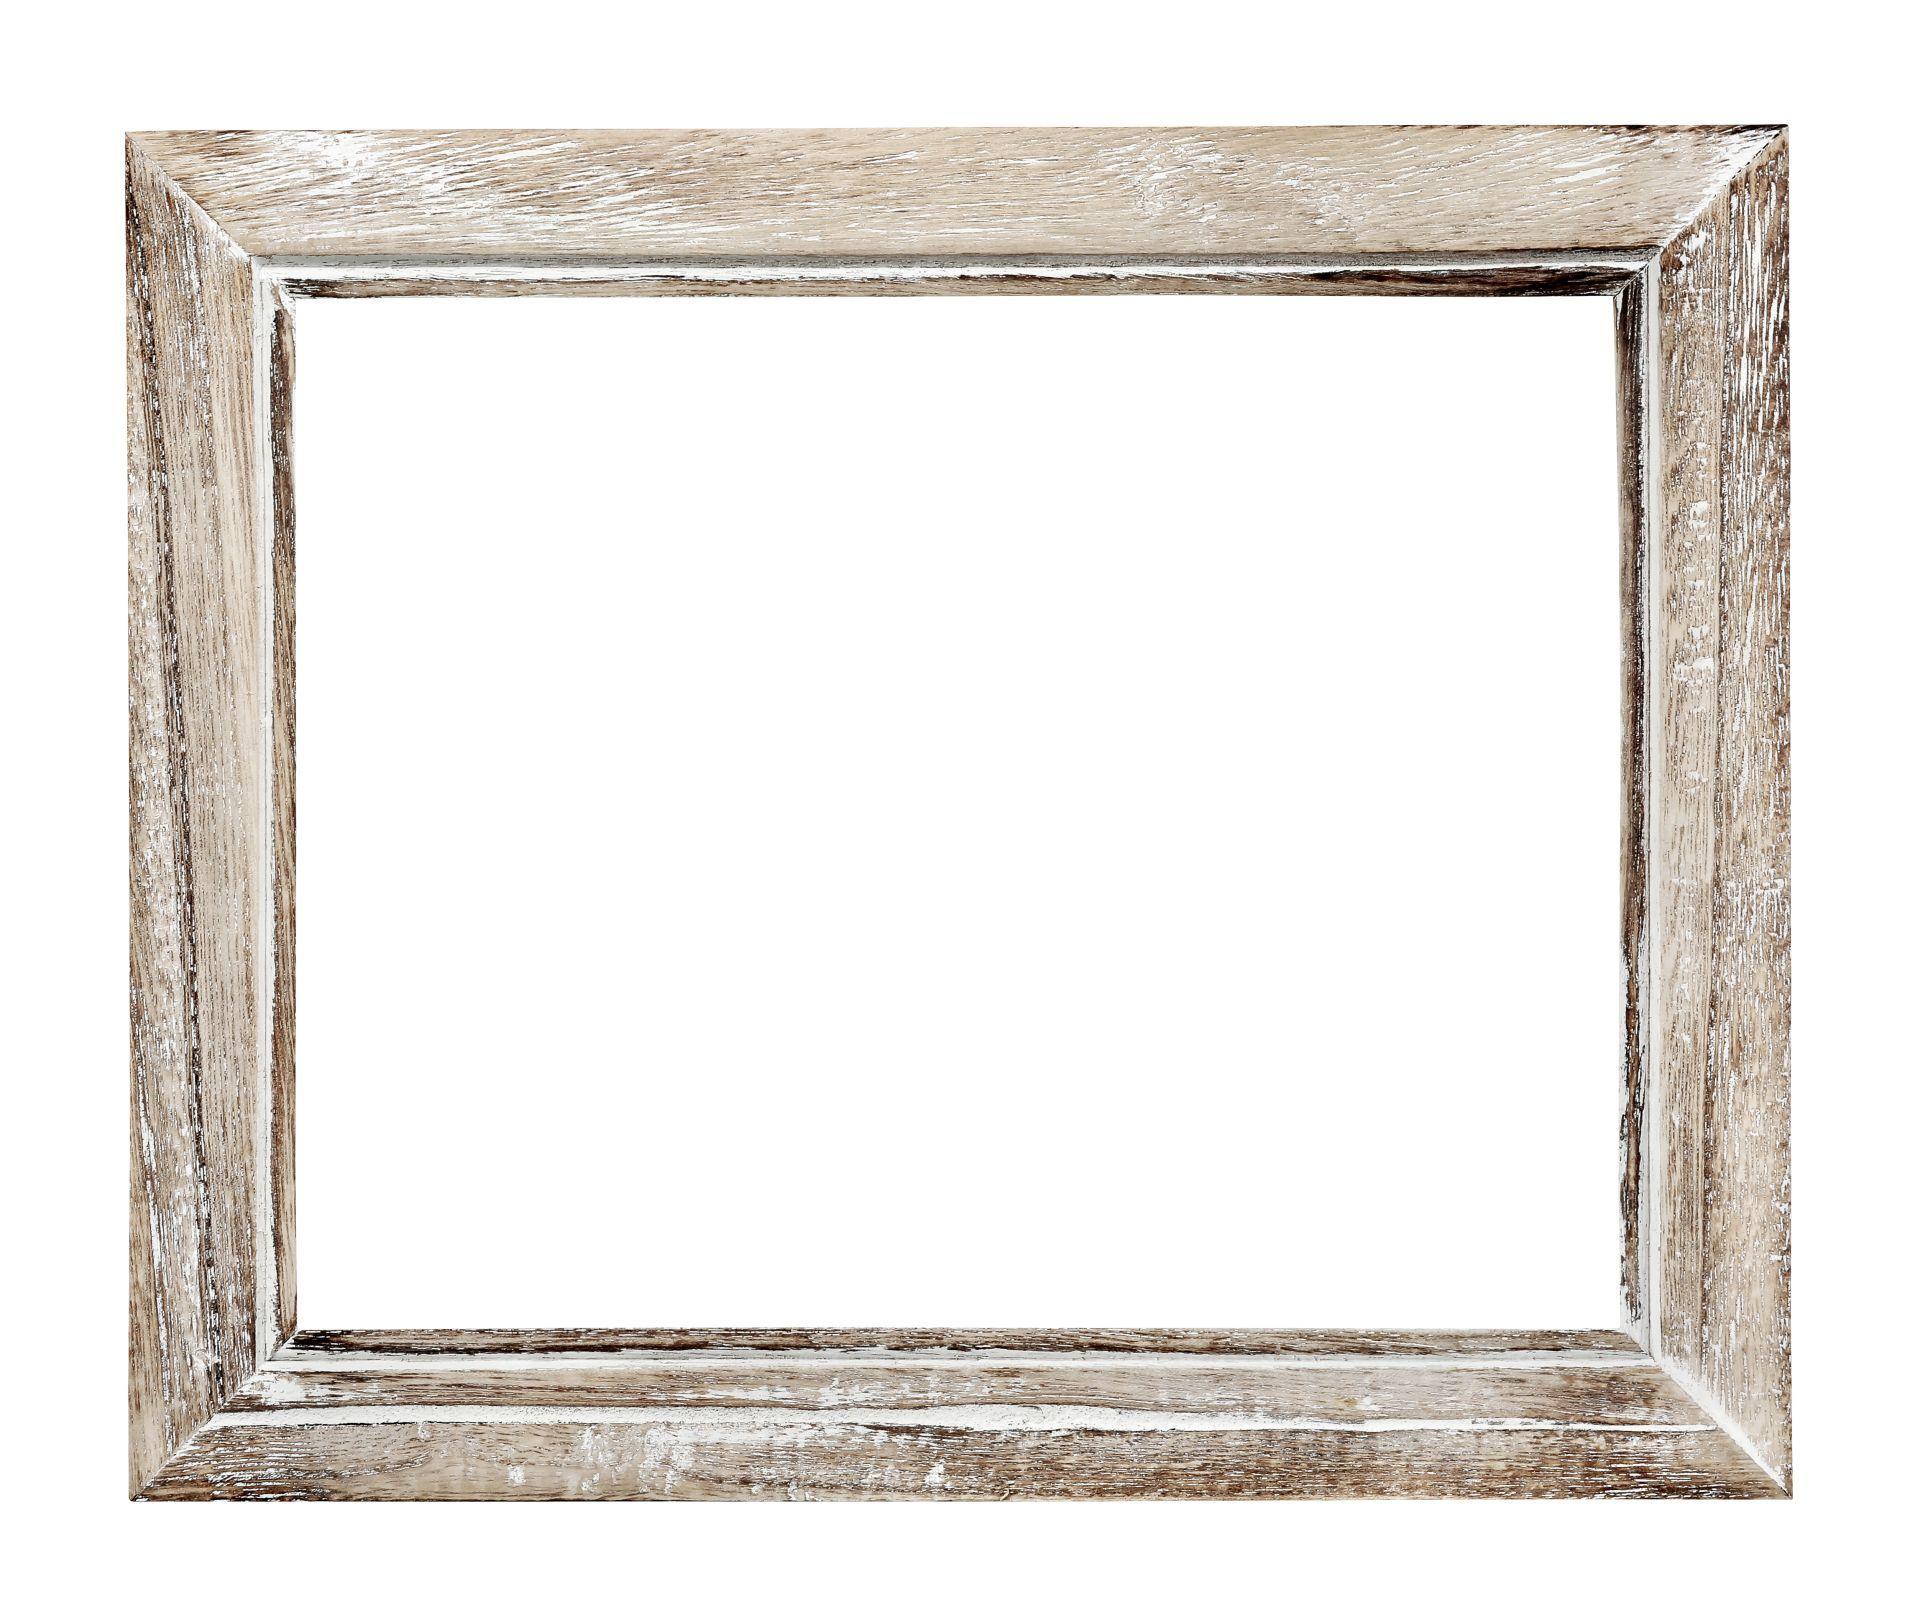 Tipps zum Basteln schöner Bilderrahmen | Vintage-Rahmen, Schoner und ...